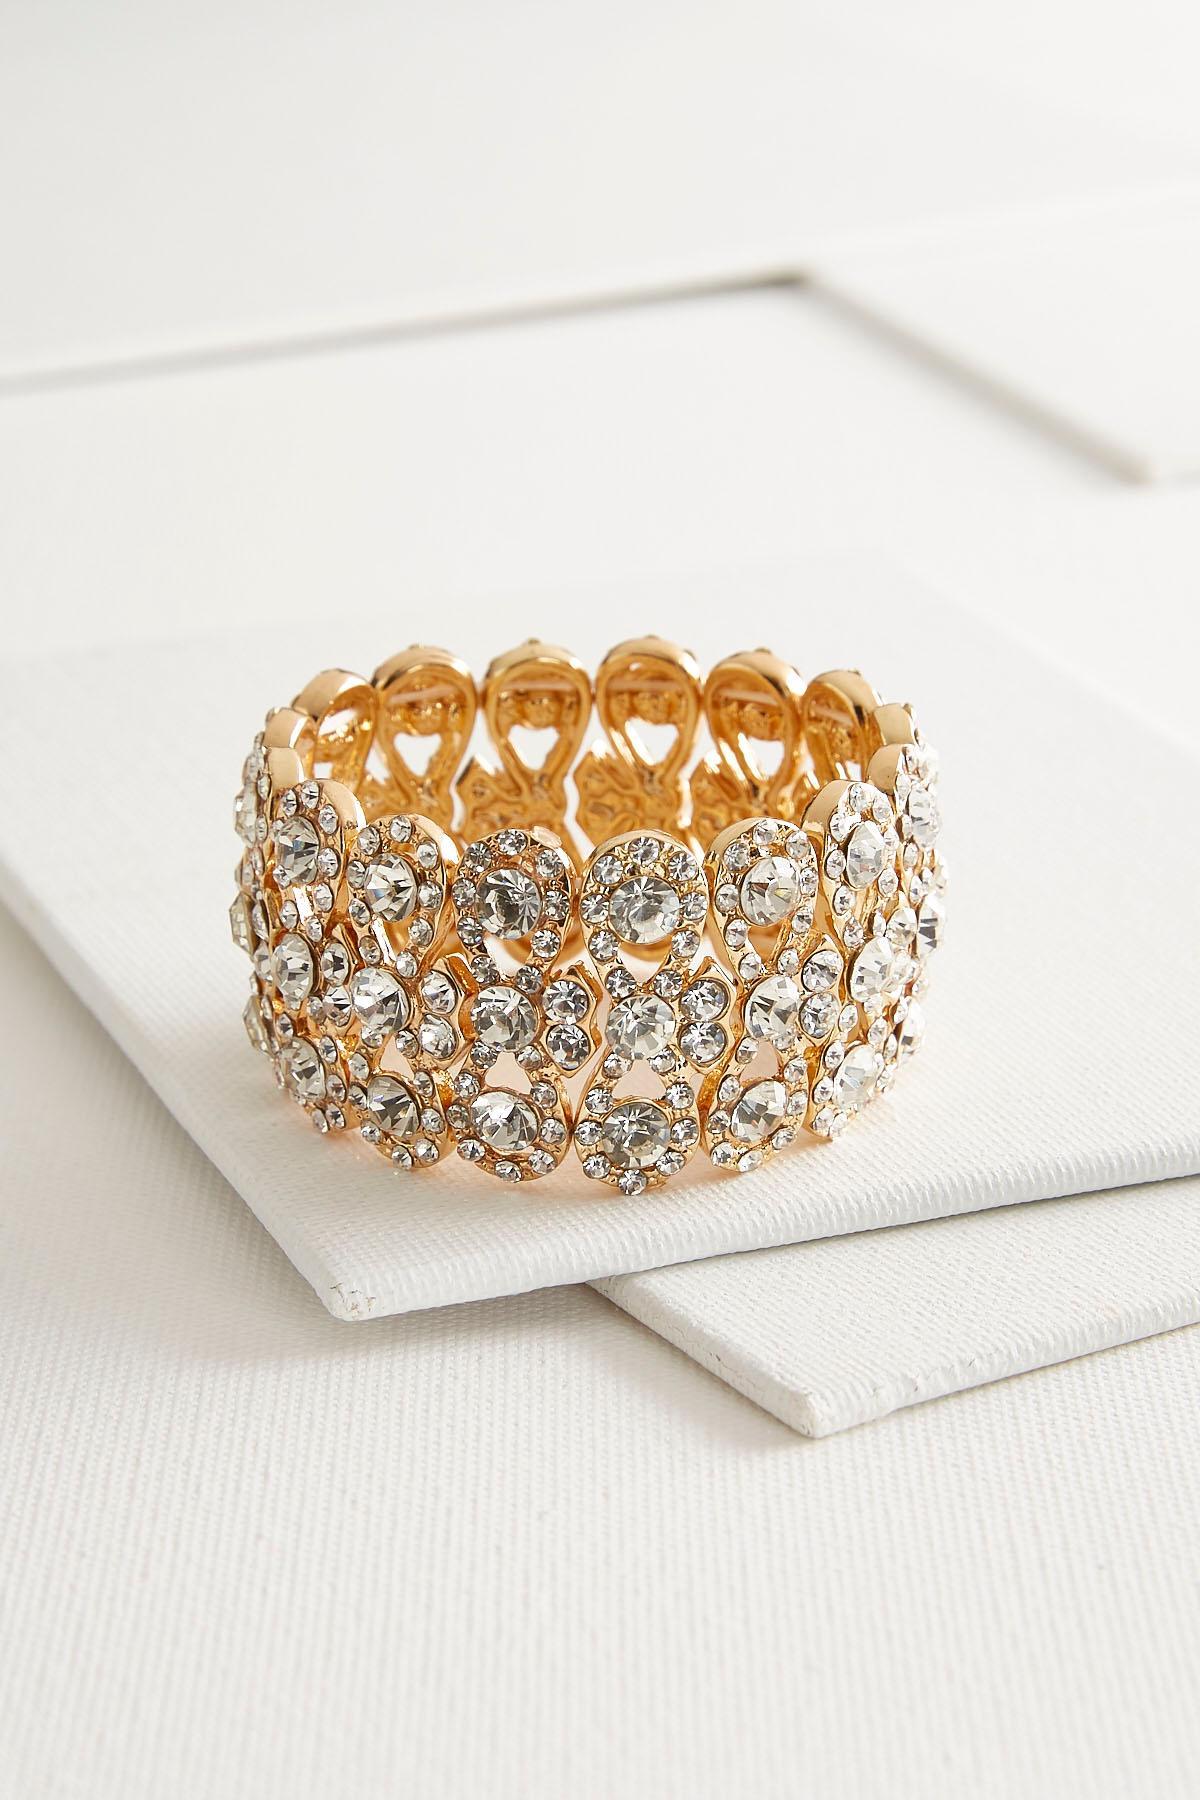 Sparkling Rhinestone Stretch Bracelet